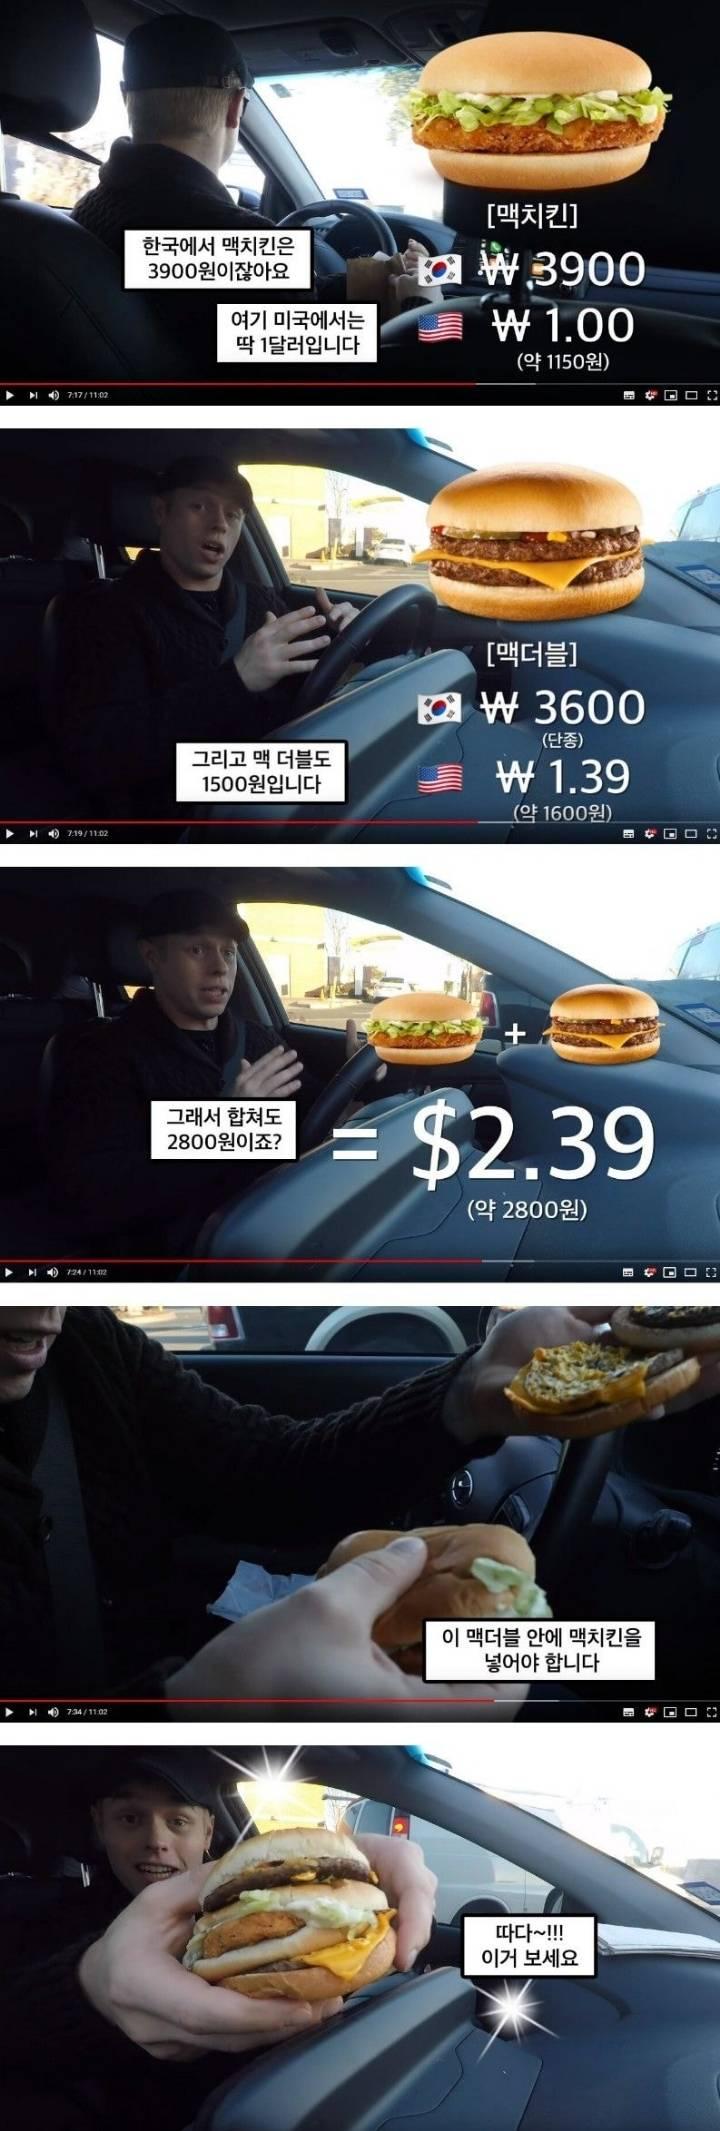 놀라운 미국 맥도널드 가격 .JPG   인스티즈